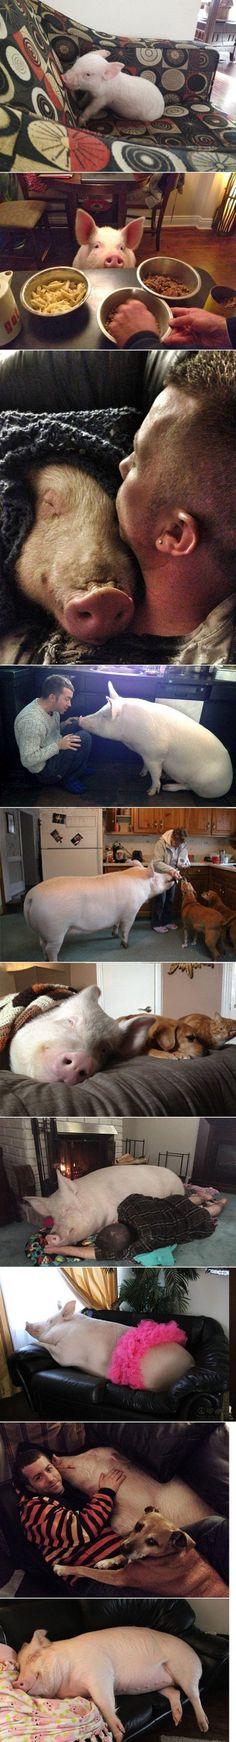 Sie dachten sie hätten ein Zwergschwein gekauft. Heute wiegt es 300 kg | Webfail - Fail Bilder und Fail Videos